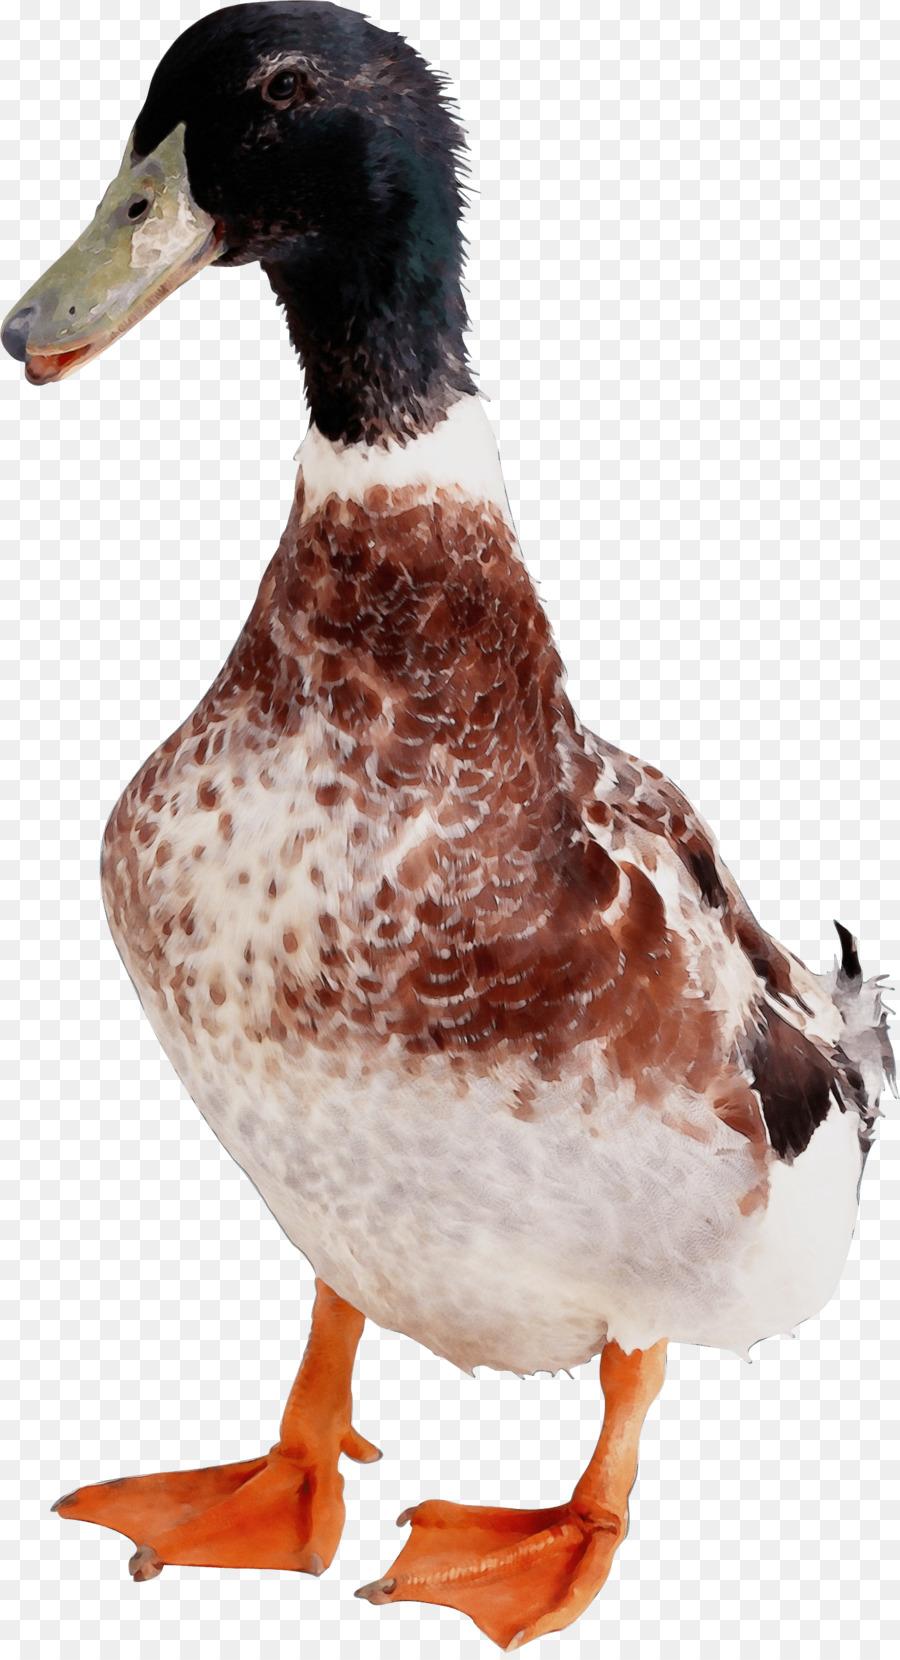 Descarga gratuita de Aves, Pato, El Agua De Las Aves Imágen de Png